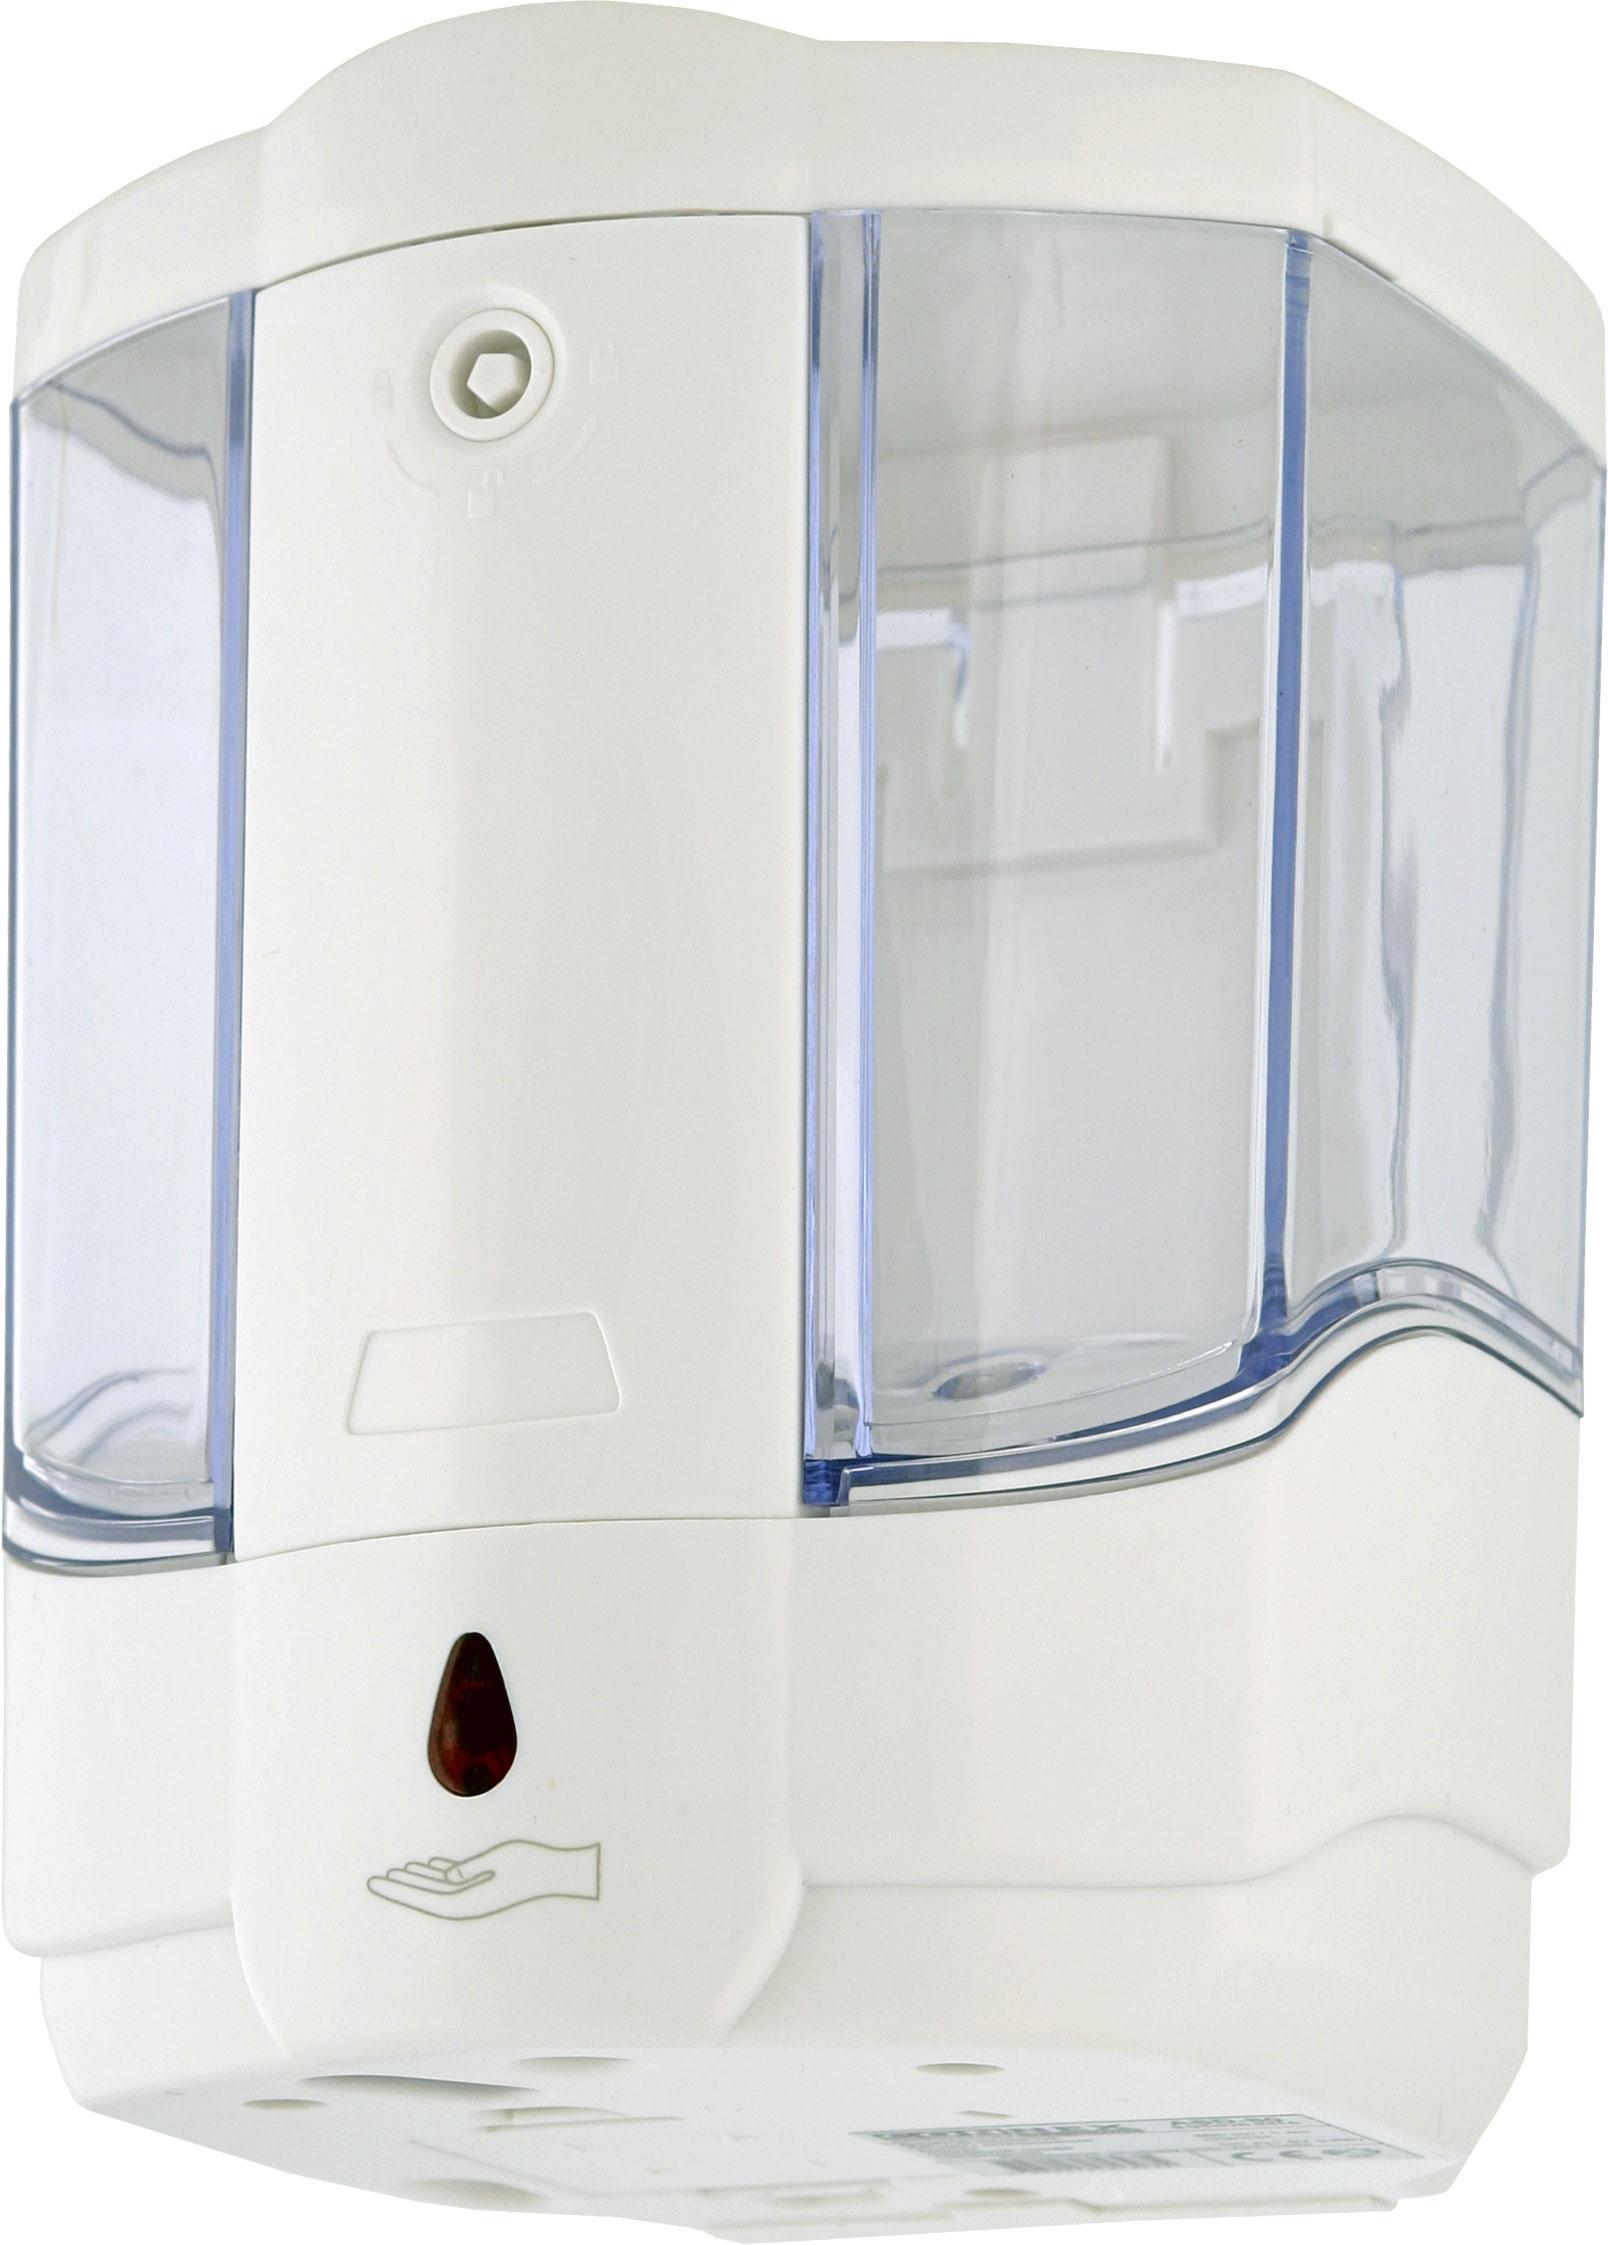 Дозатор для жидкого мыла Connex Asd-80 connex asd 120 brushed